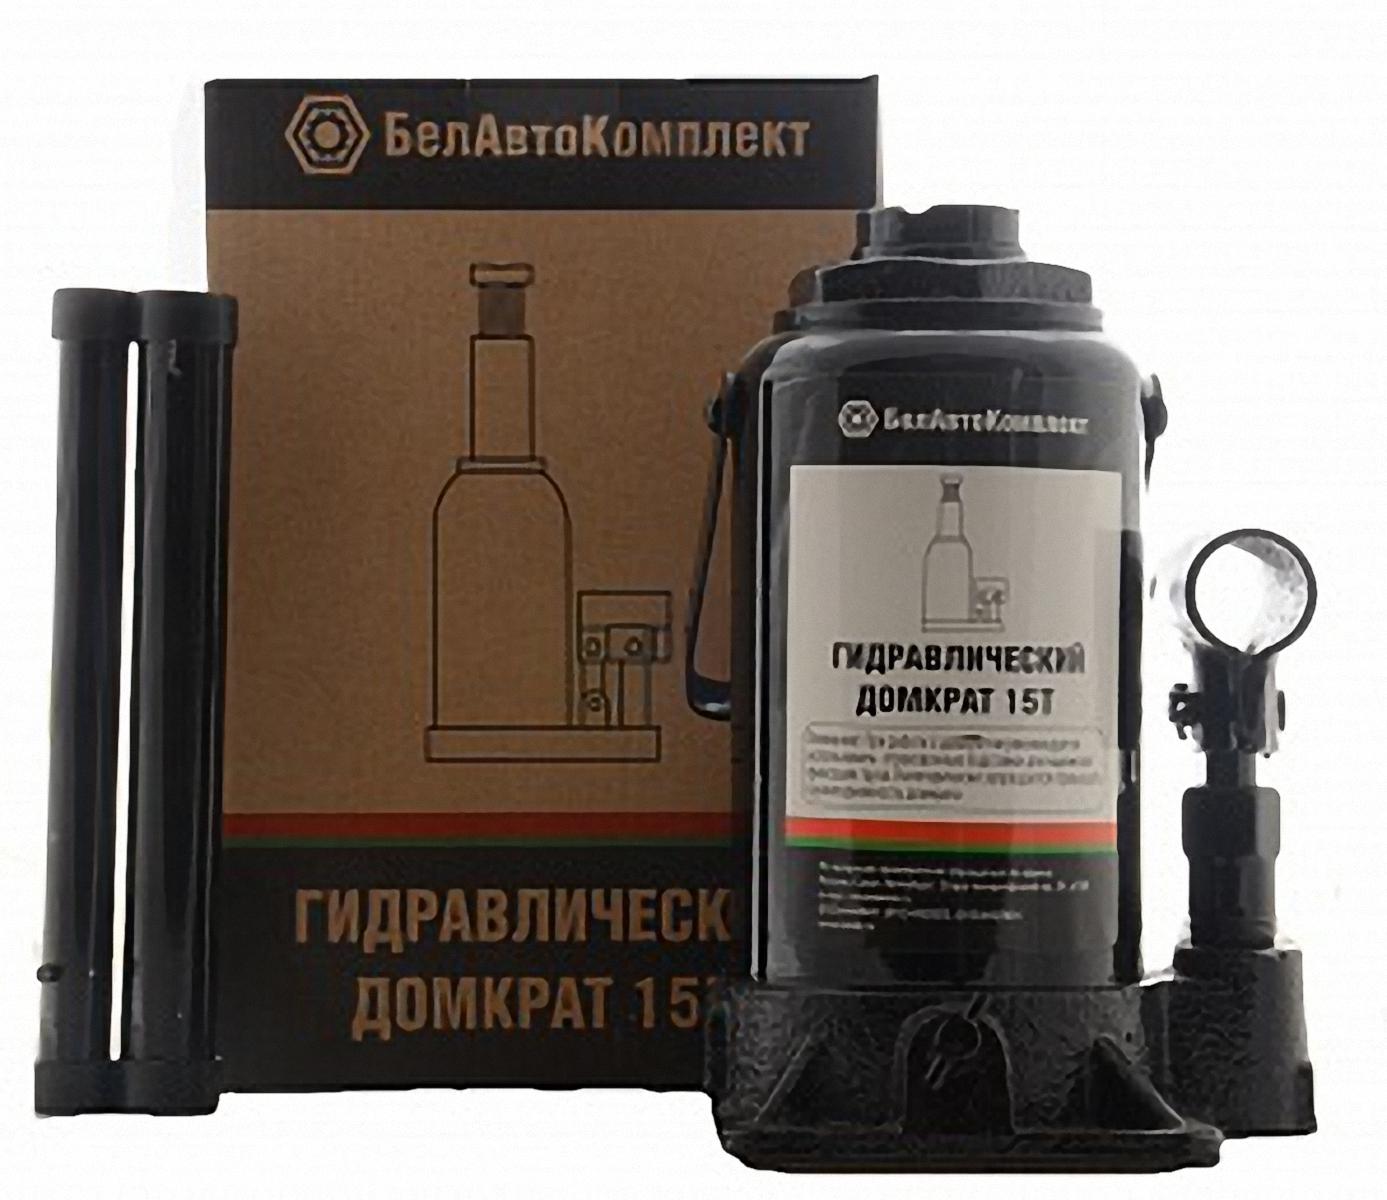 """Домкрат бутылочный """"БелАвтоКомплект"""", 15 т БАК.00047"""